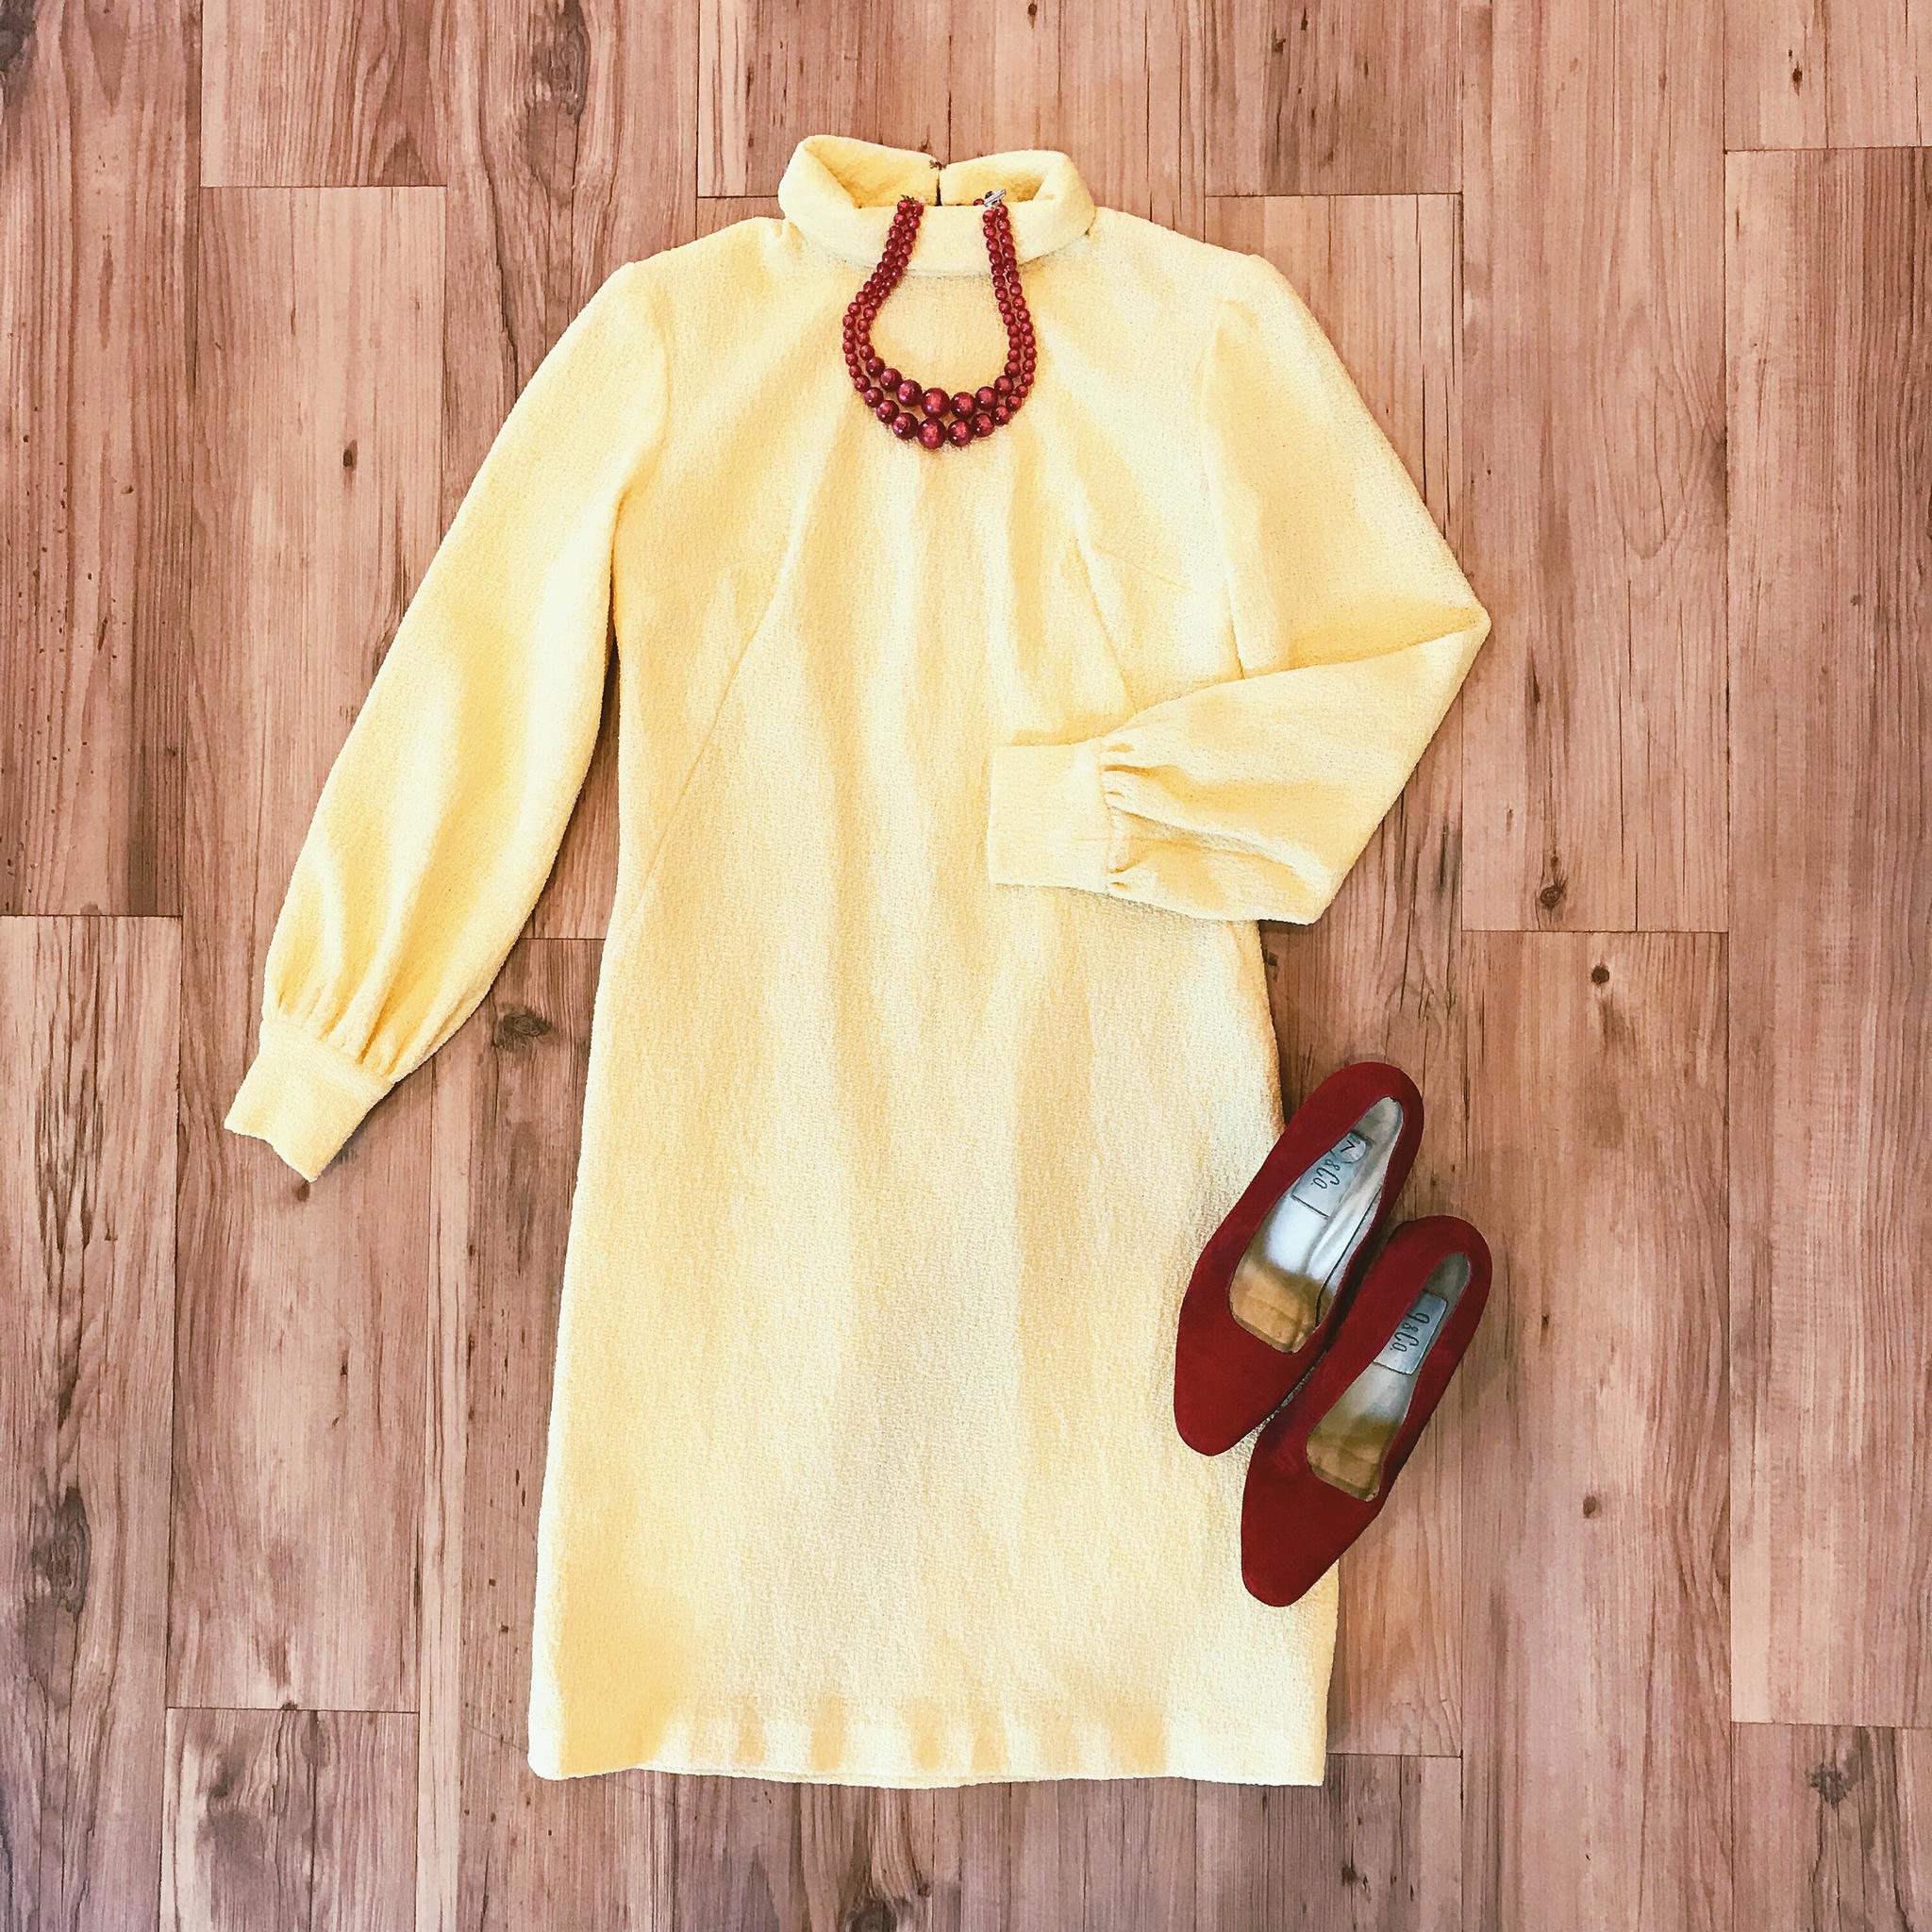 1960s Banana Shift Dress 00015